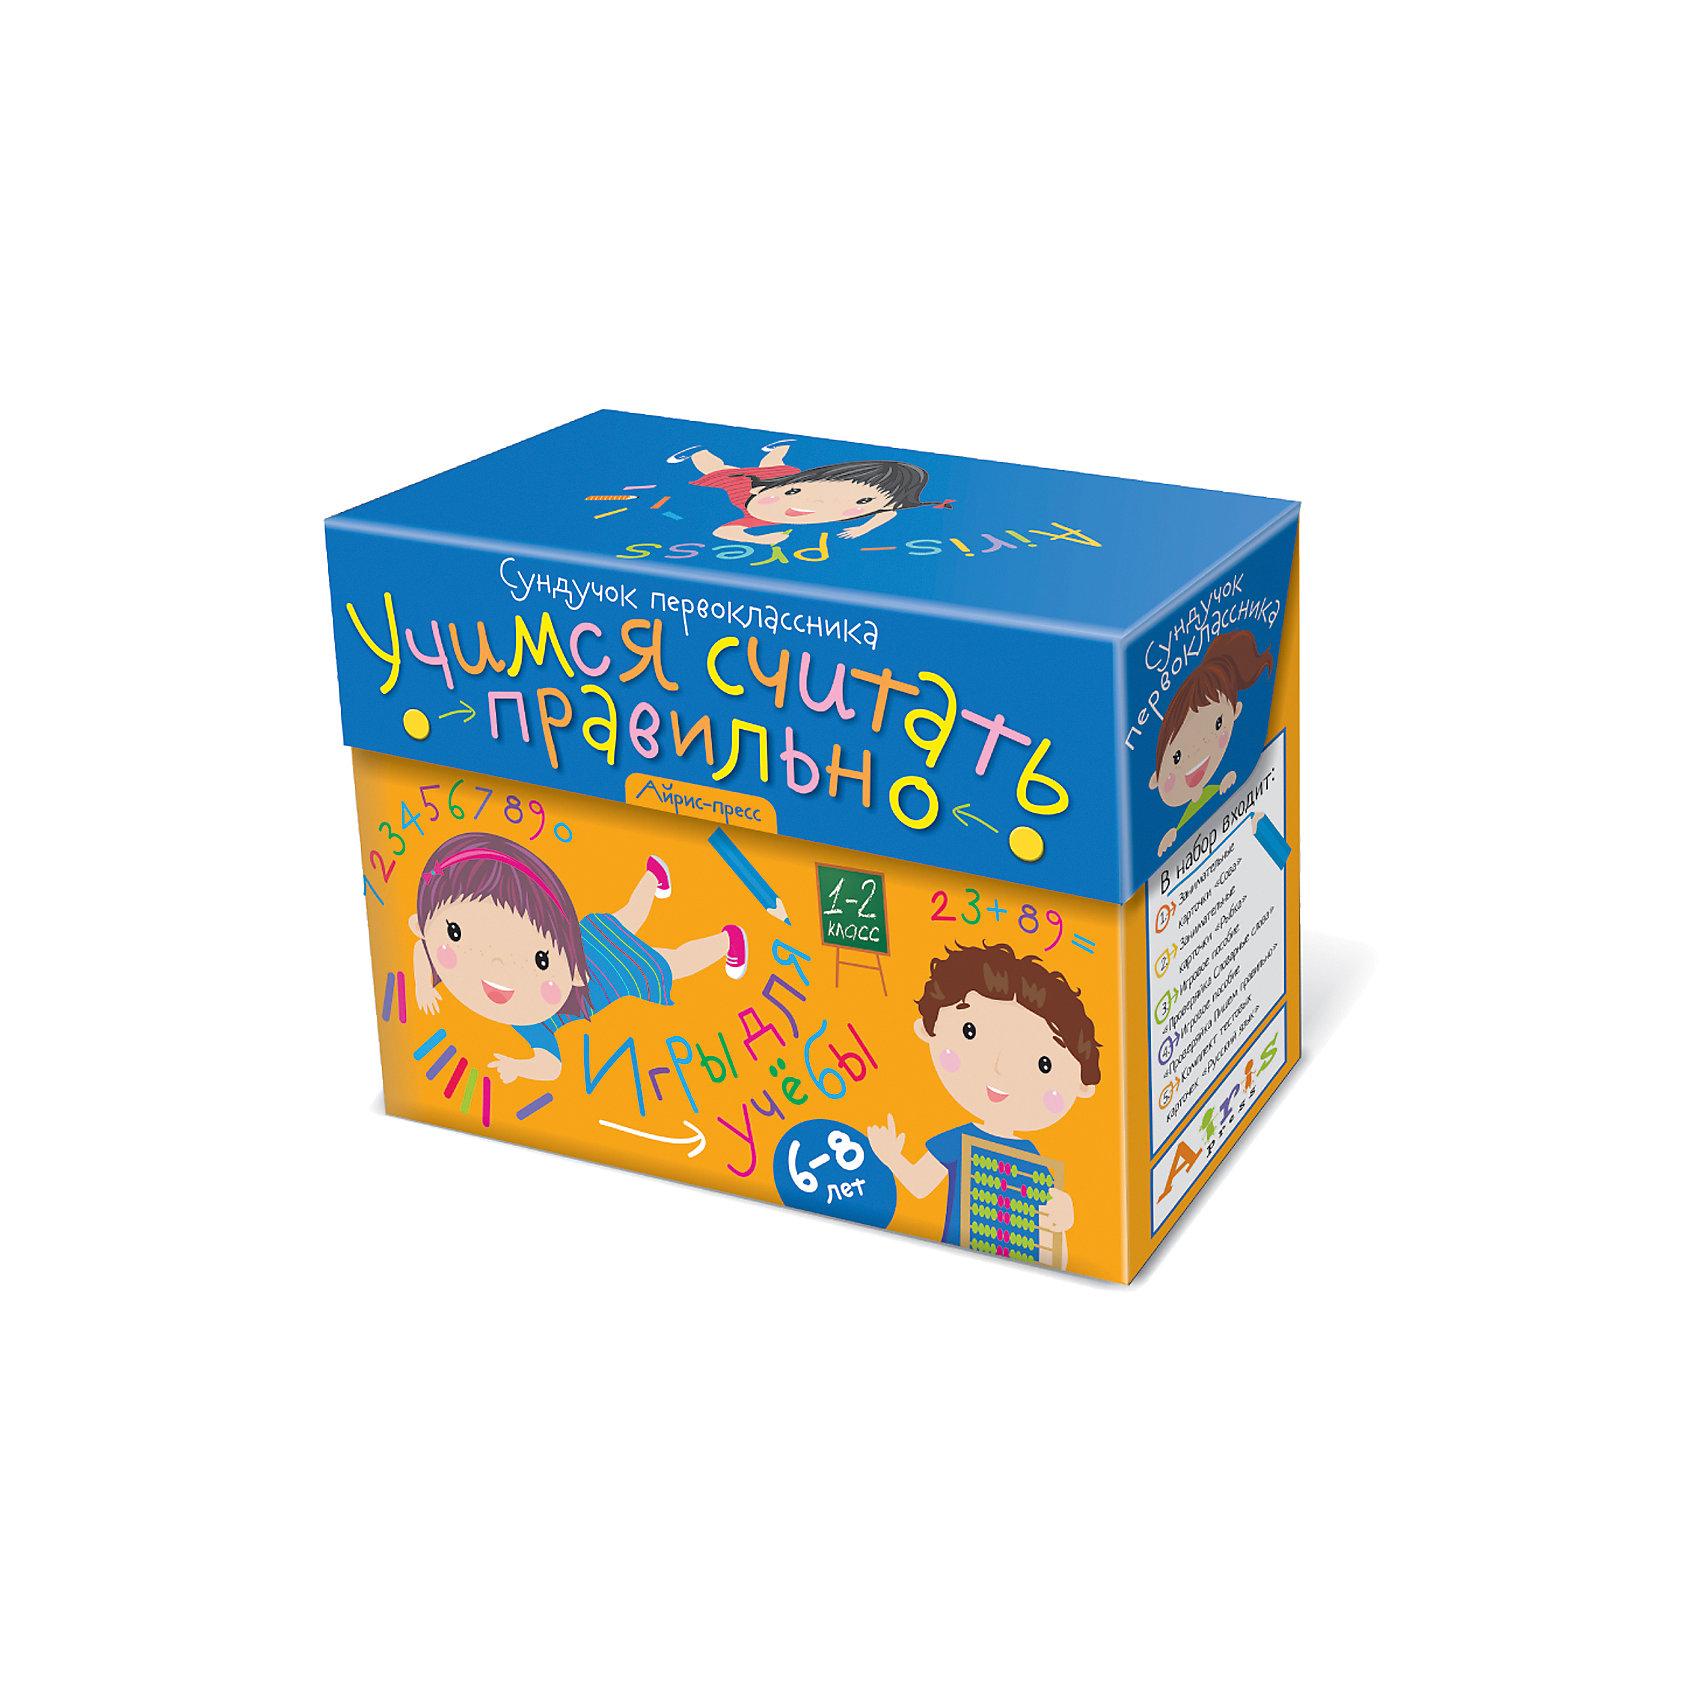 Комплект из 5 игр Учимся считать правильноПособия для обучения счёту<br>Характеристики товара:<br><br>• возраст: от 6 лет<br>• комплектация: разрезные карточки «Гуси»; занимательные карточки «Лисята»; карточки с заданиями «Геометрия» и «Логика»; тестовые карточки «Математика» 1-2 классы.<br>• производитель: Айрис-пресс<br>• серия: Умные игры в сундучке<br>• упаковка: картонная коробка-сундучок<br>• размер упаковки: 16,5х22х8 см.<br>• вес: 956 гр.<br><br>Специально подобранный комплект составлен в соответствии со школьной программой и направлен на эффективное изучение основ предмета, развитие умения мобильно решать учебные задачи и повышение успеваемости в школе.<br><br>В набор входит: 1. Разрезные карточки «Гуси» помогут ребенку освоить устный счет в пределах 20, научат решать задачи и работать с числовыми выражениями; 2. Занимательные карточки «Лисята» помогут освоить устный счёт в пределах 100, познакомят со схемами-моделями чисел и научат подбирать к числу модель; 3. Карточки с заданиями «Геометрия» научат различать геометрические фигуры, находить периметр и площадь фигур, работать с проекциями и чертежами объёмных фигур; 4. Карточки с заданиями «Логика» научат решать логические задачи, работать с информацией в виде схем и таблиц; 5. Тестовые карточки «Математика» с проверочной таблицей по всем темам школьного курса обеспечат активный тренинг и комплексную подготовку к контрольным и самостоятельным работам.<br><br>Комплект из 5 игр Учимся считать правильно можно купить в нашем интернет-магазине.<br><br>Ширина мм: 80<br>Глубина мм: 220<br>Высота мм: 165<br>Вес г: 860<br>Возраст от месяцев: 72<br>Возраст до месяцев: 96<br>Пол: Унисекс<br>Возраст: Детский<br>SKU: 6849587